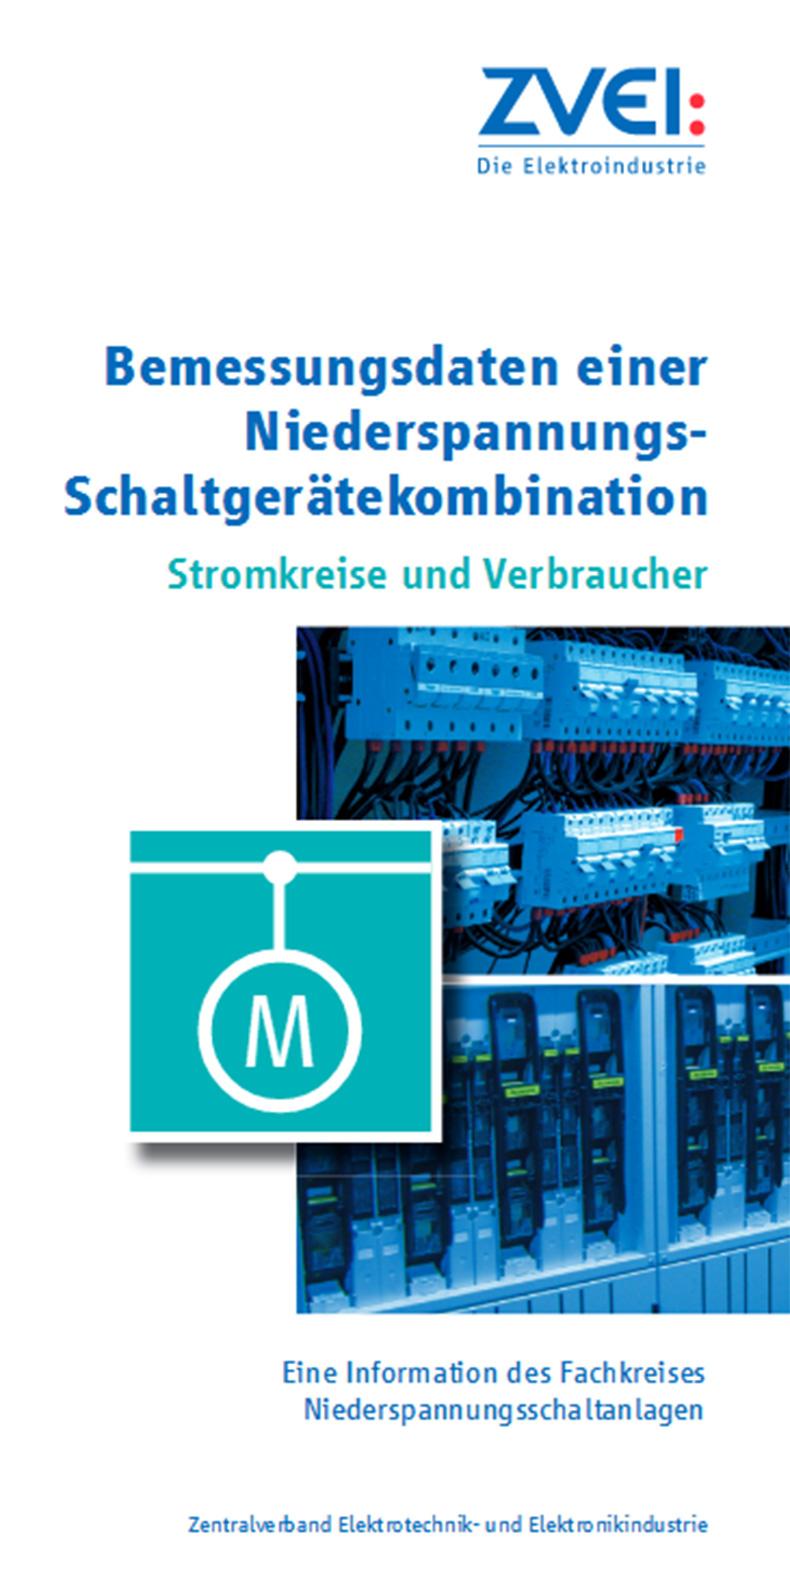 Bemessungsdaten einer Schaltgerätekombination - Stromkreise und ...